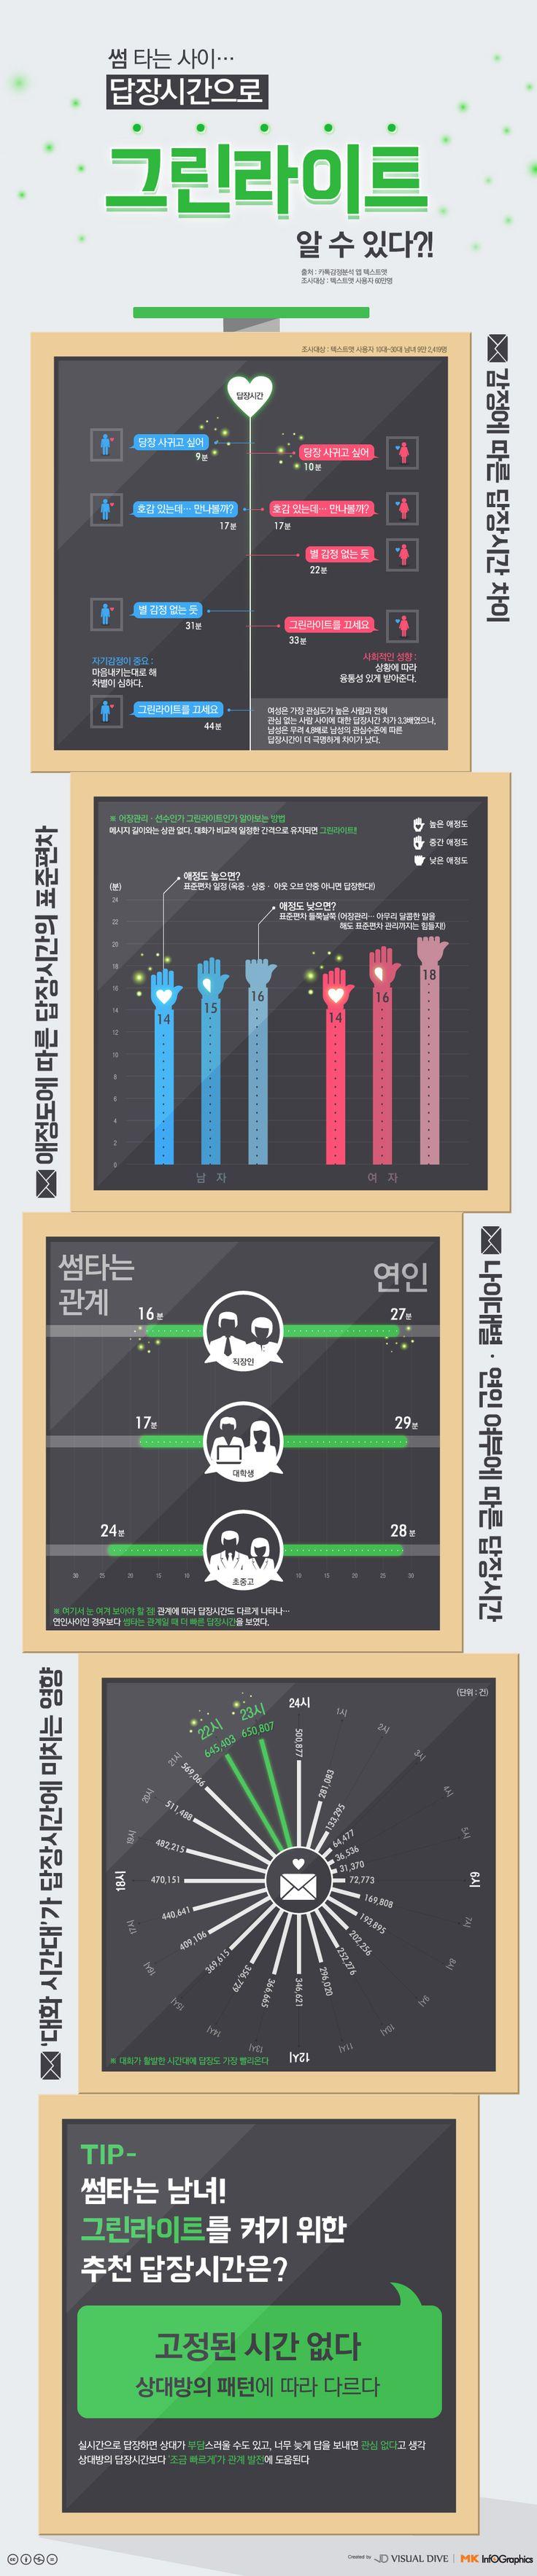 썸 타는 사이… 답장시간으로 '그린라이트' 알 수 있다?! [인포그래픽] #GreenLight / #Infographic ⓒ 비주얼다이브 무단 복사·전재·재배포 금지